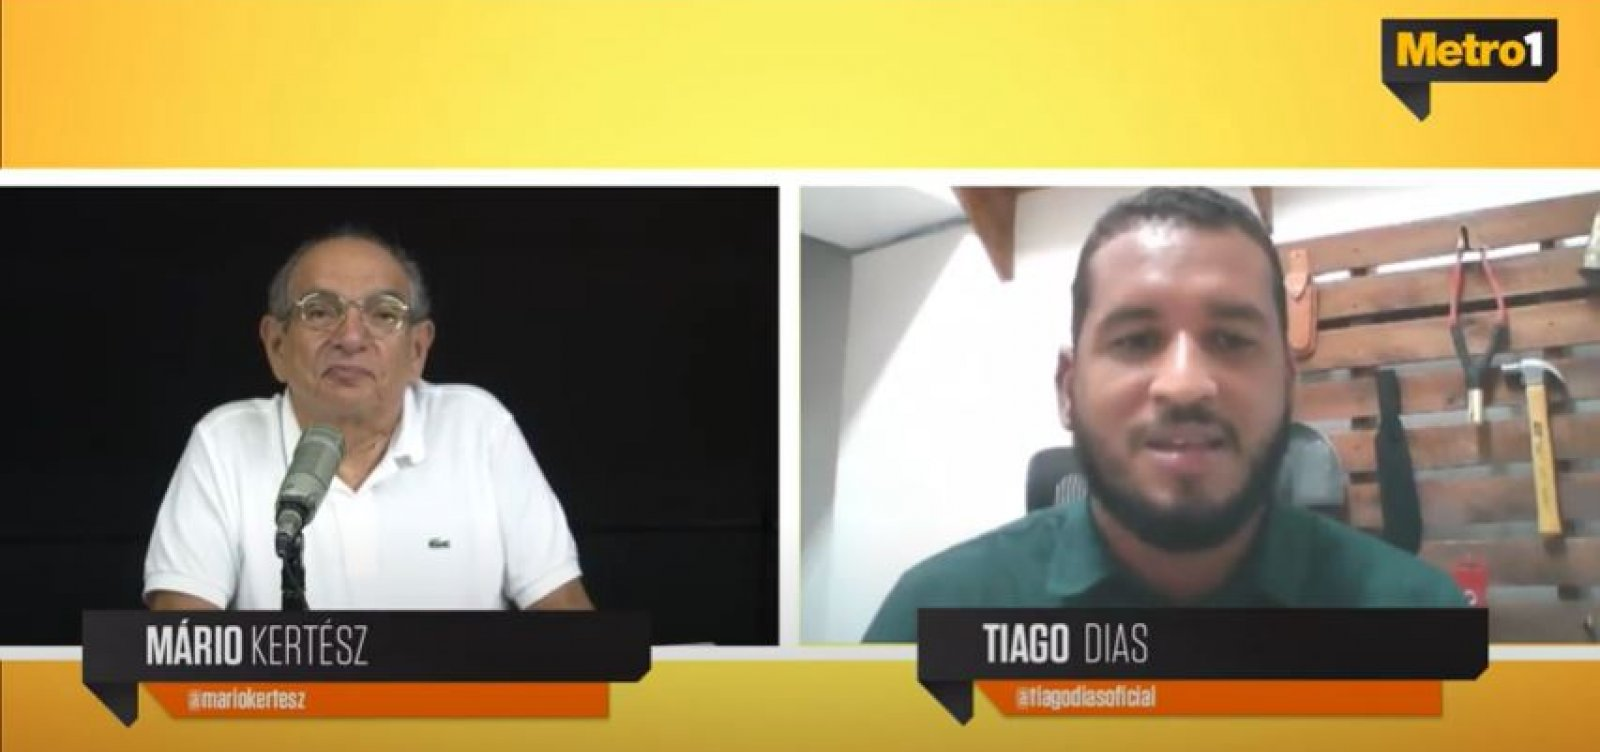 Prefeito de Jacobina dispensa privilégios: 'Empregado da população'